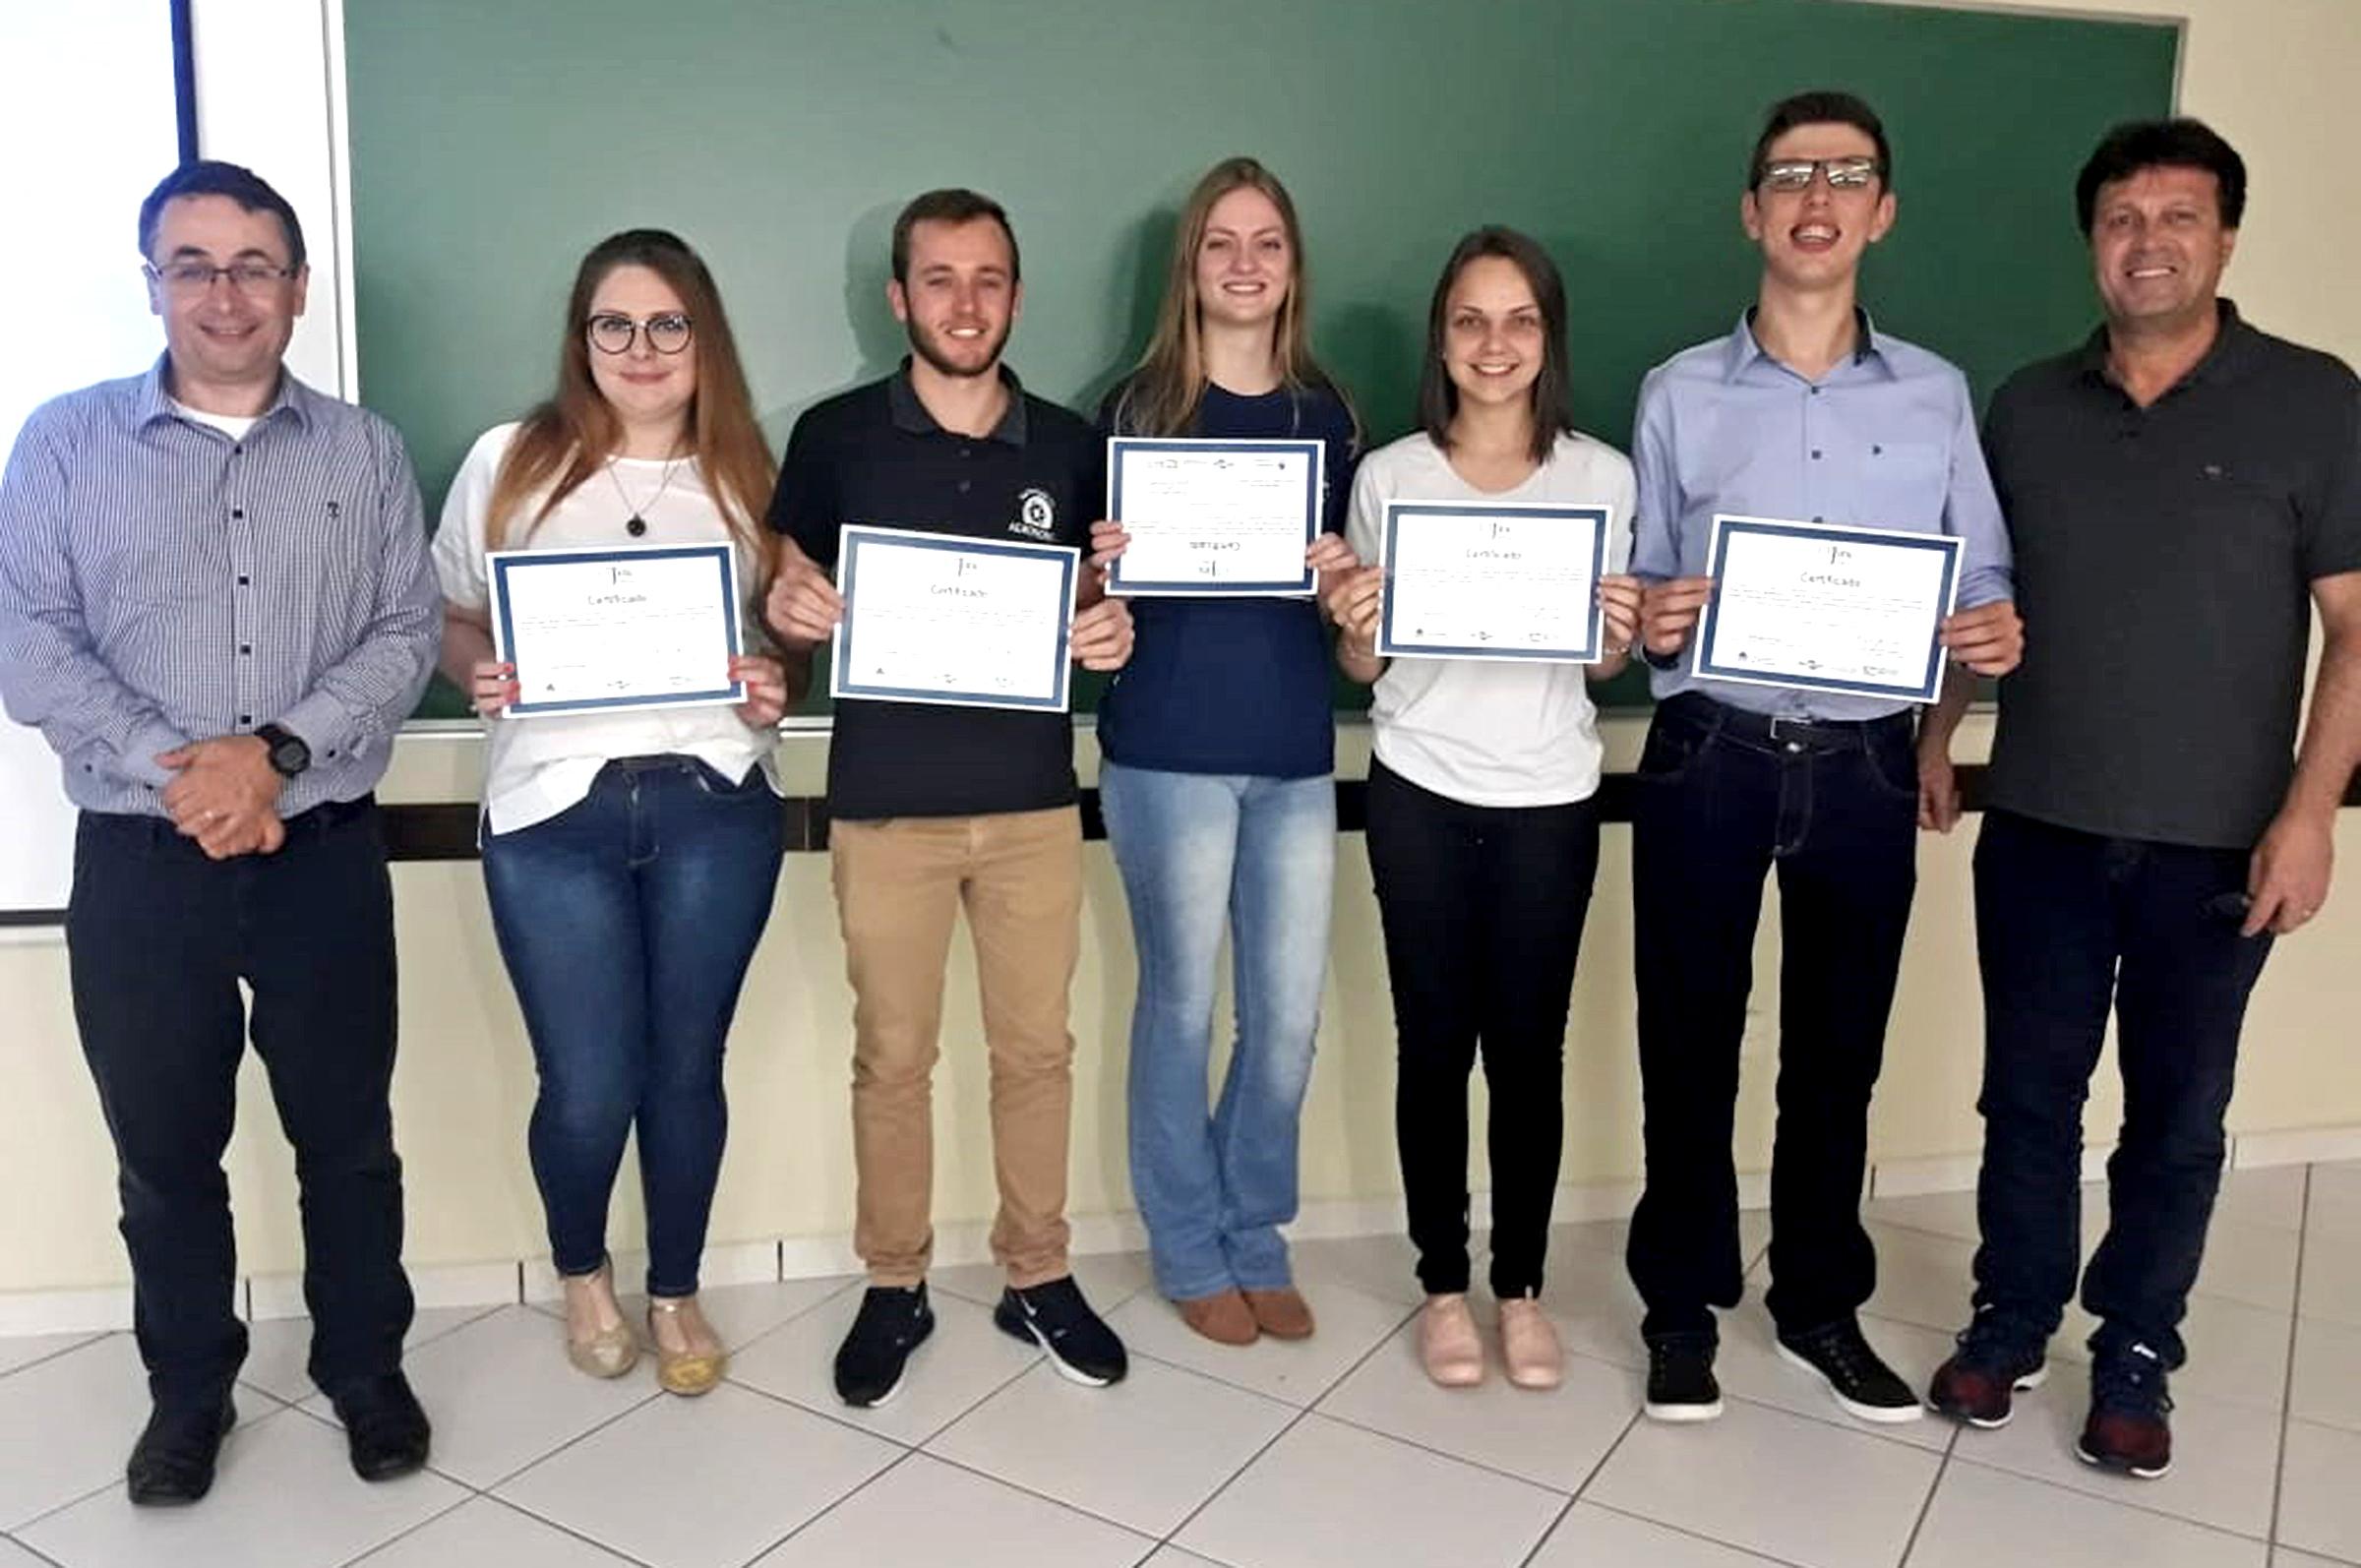 Melhores trabalhos são premiados na jornada de iniciação científica da Embrapa e UnC em Concórdia